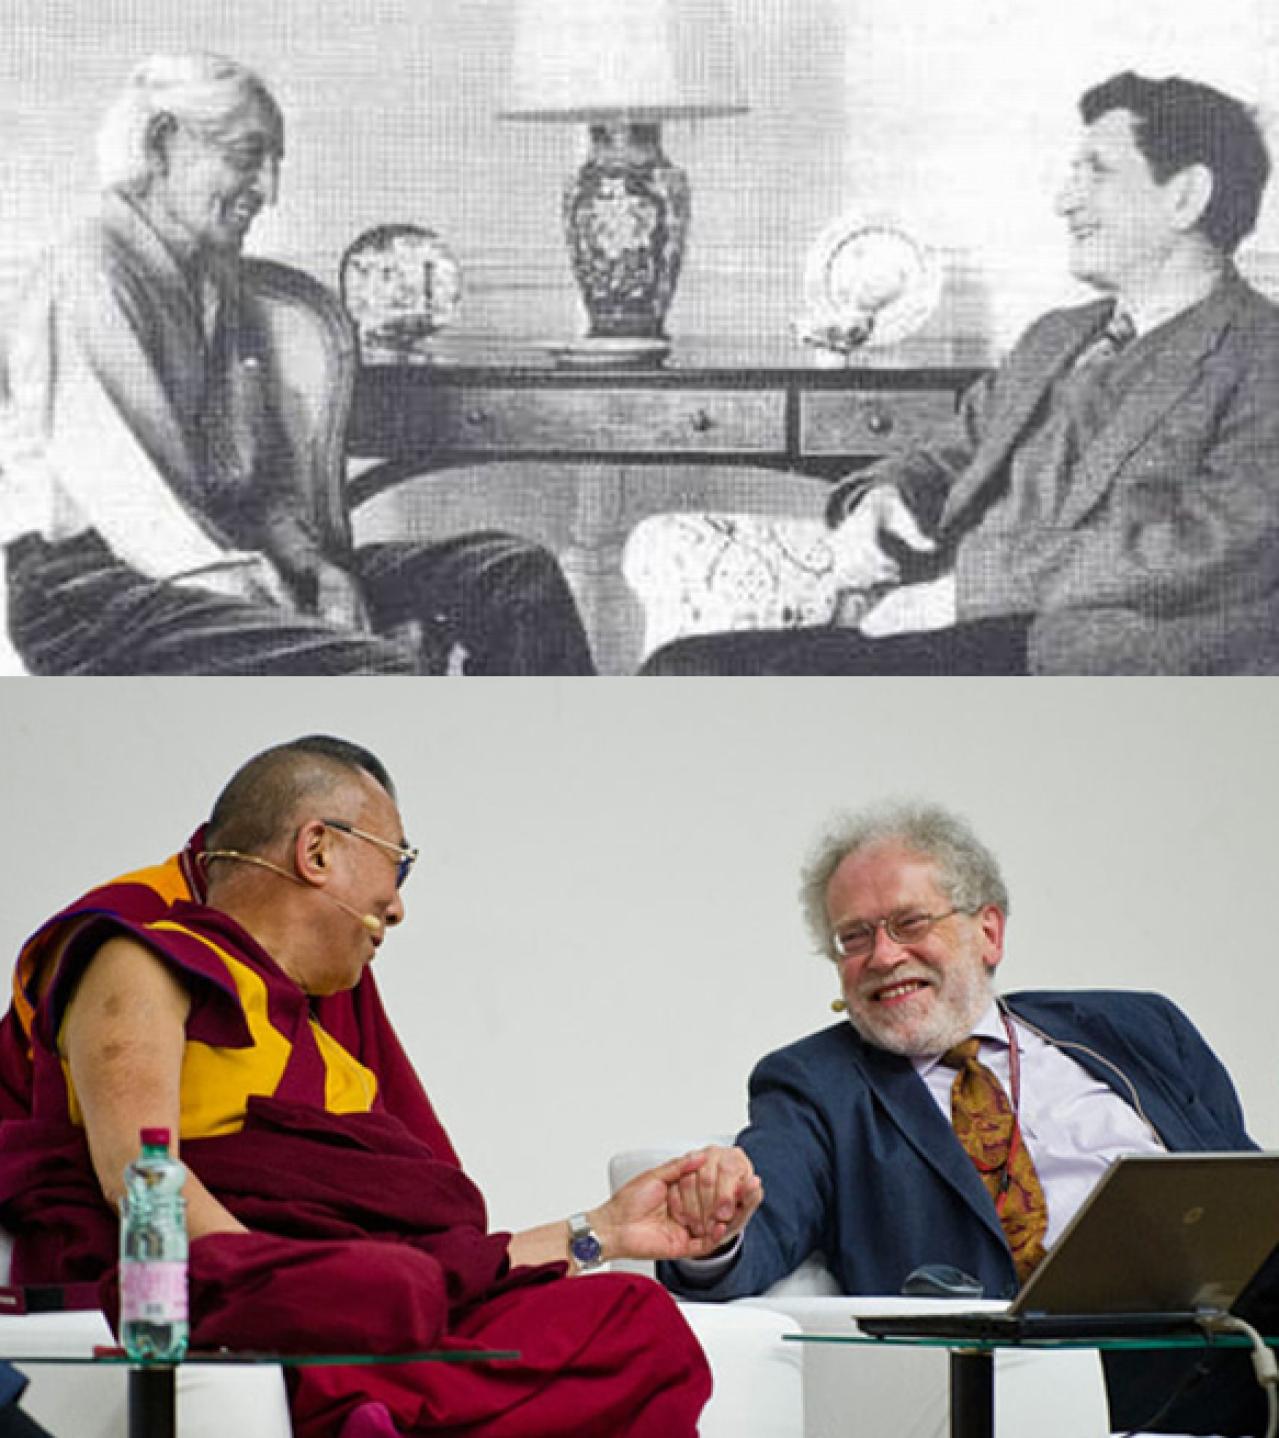 Bohm-Krishnamurti (top) and Lama-Zeilinger (bottom)